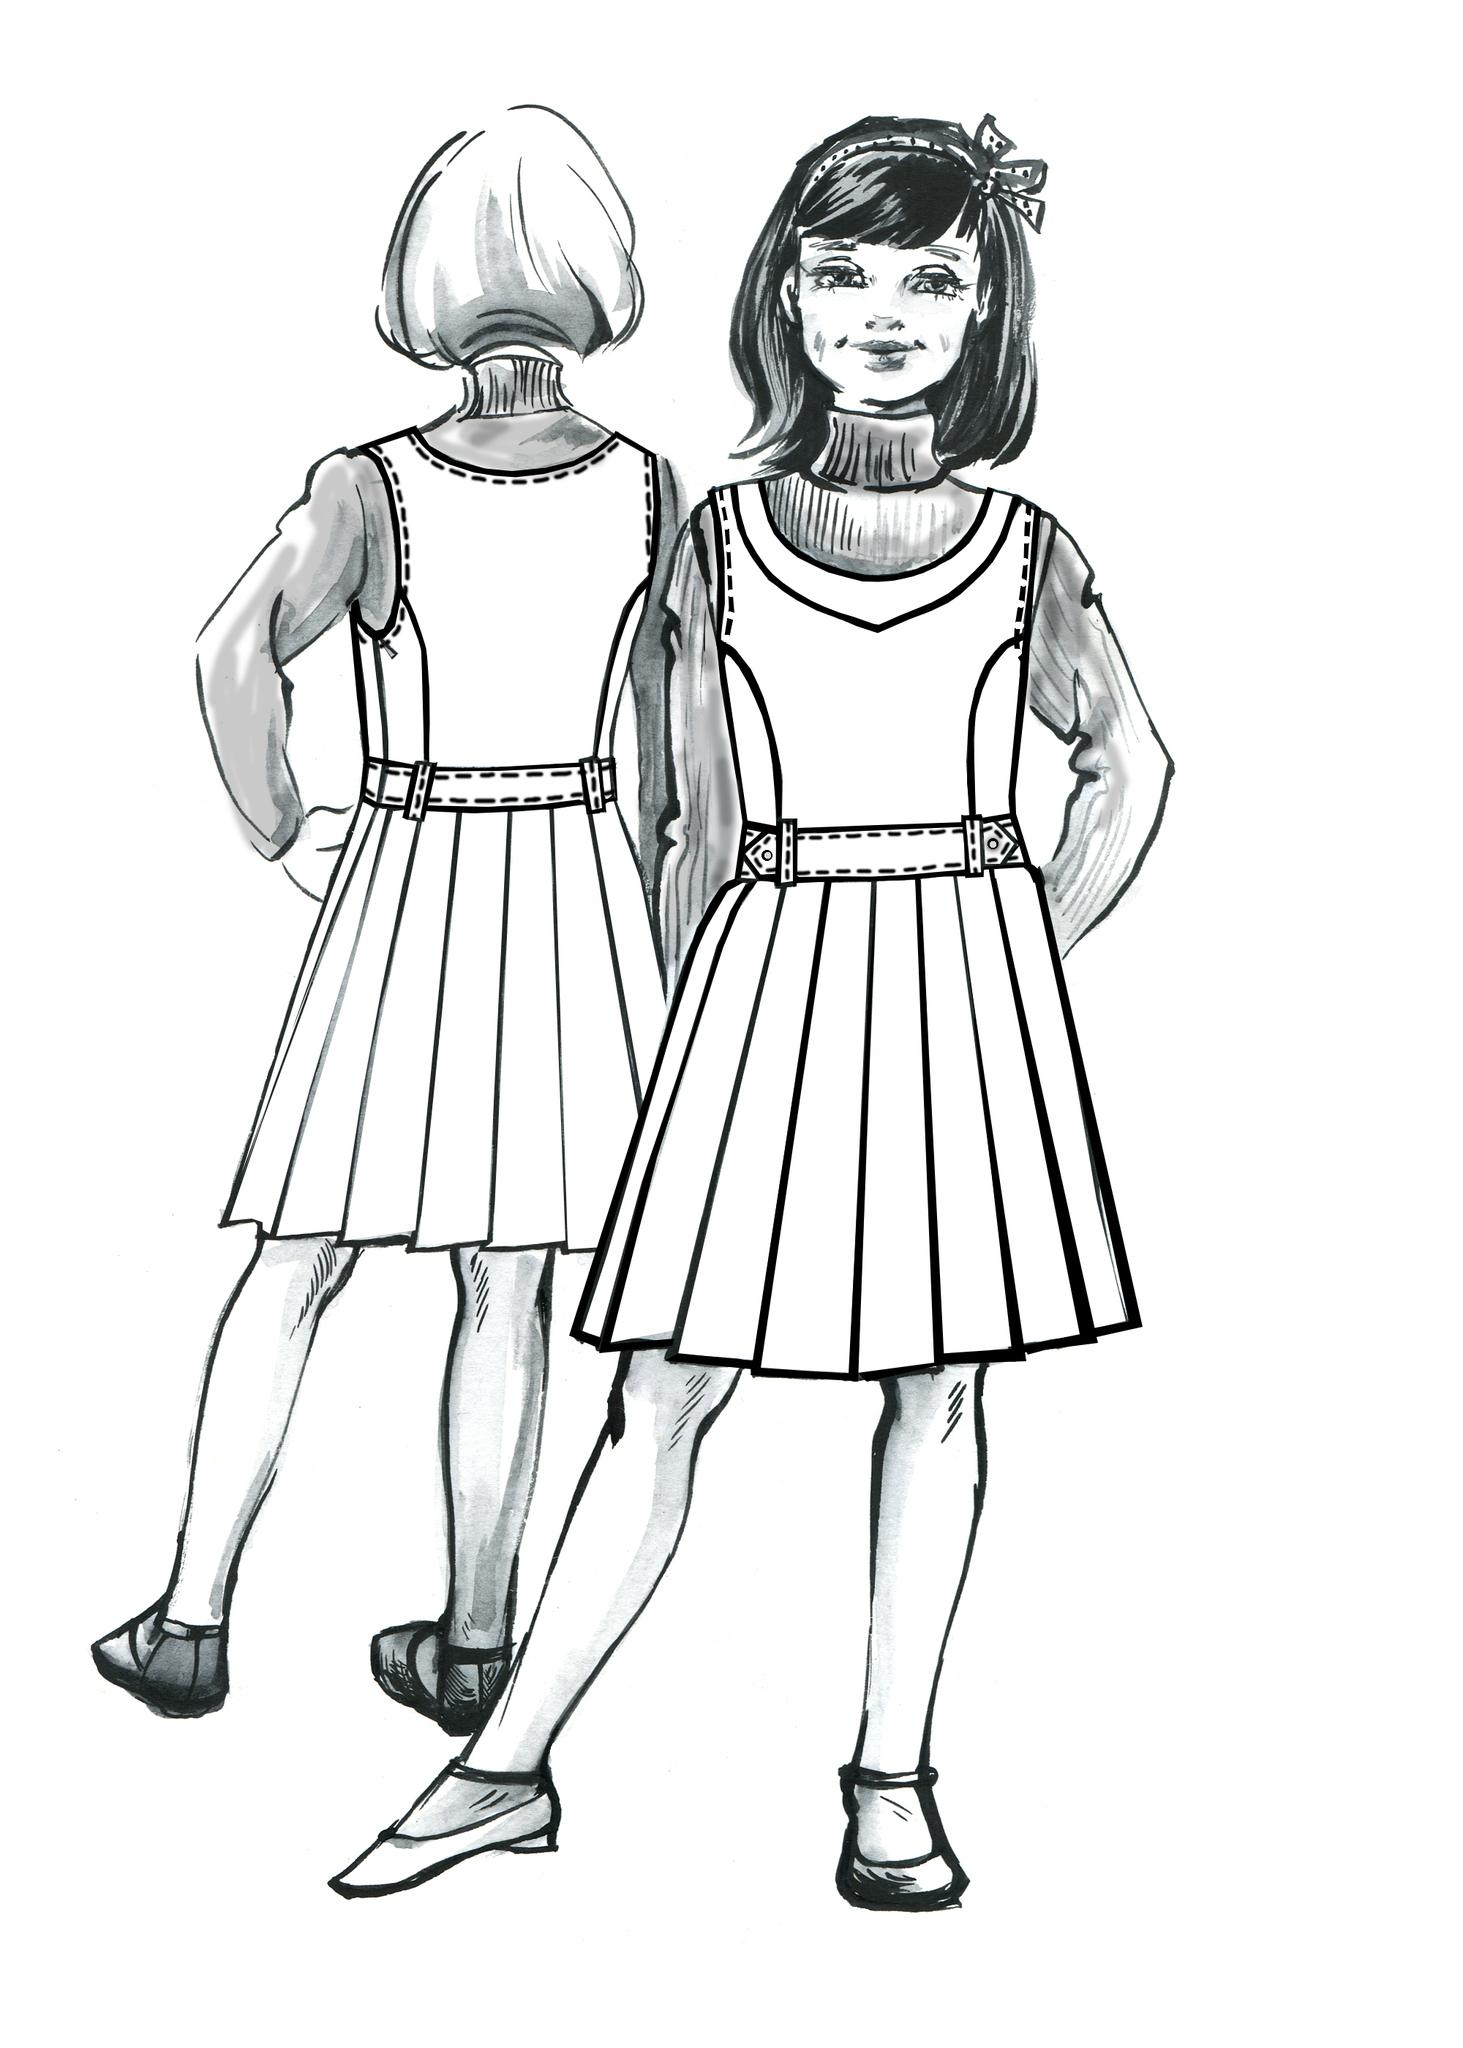 Выкройка школьного сарафана с юбкой в складку и отрезной кокеткой на лифе